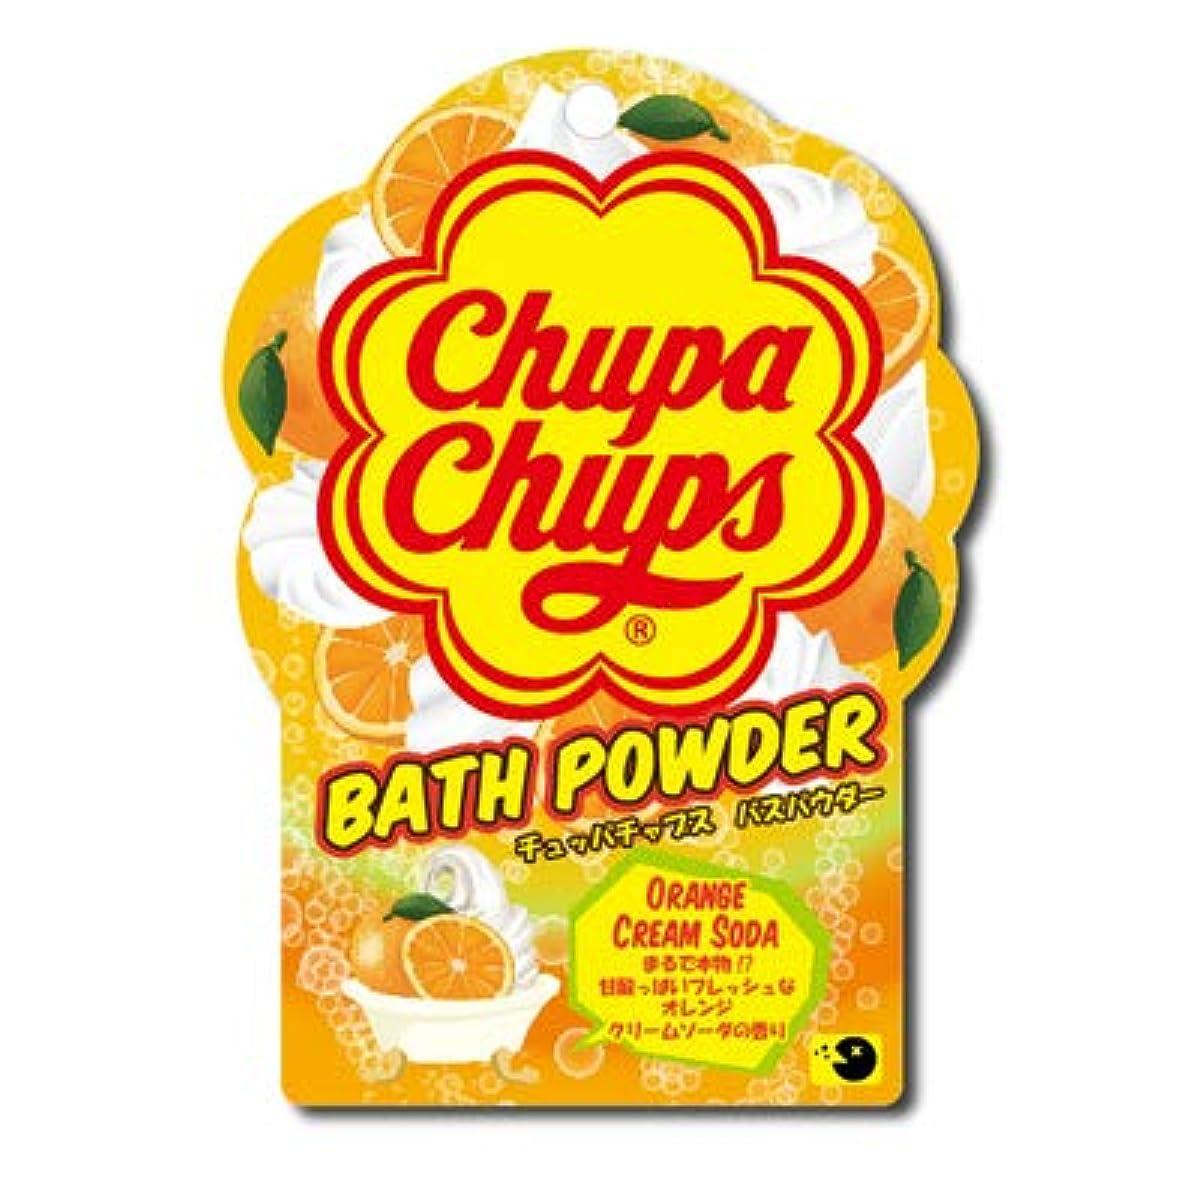 ホイップ理論呼吸する【まとめ買い3個セット】 チュッパチャプスバスパウダー オレンジクリームソーダ